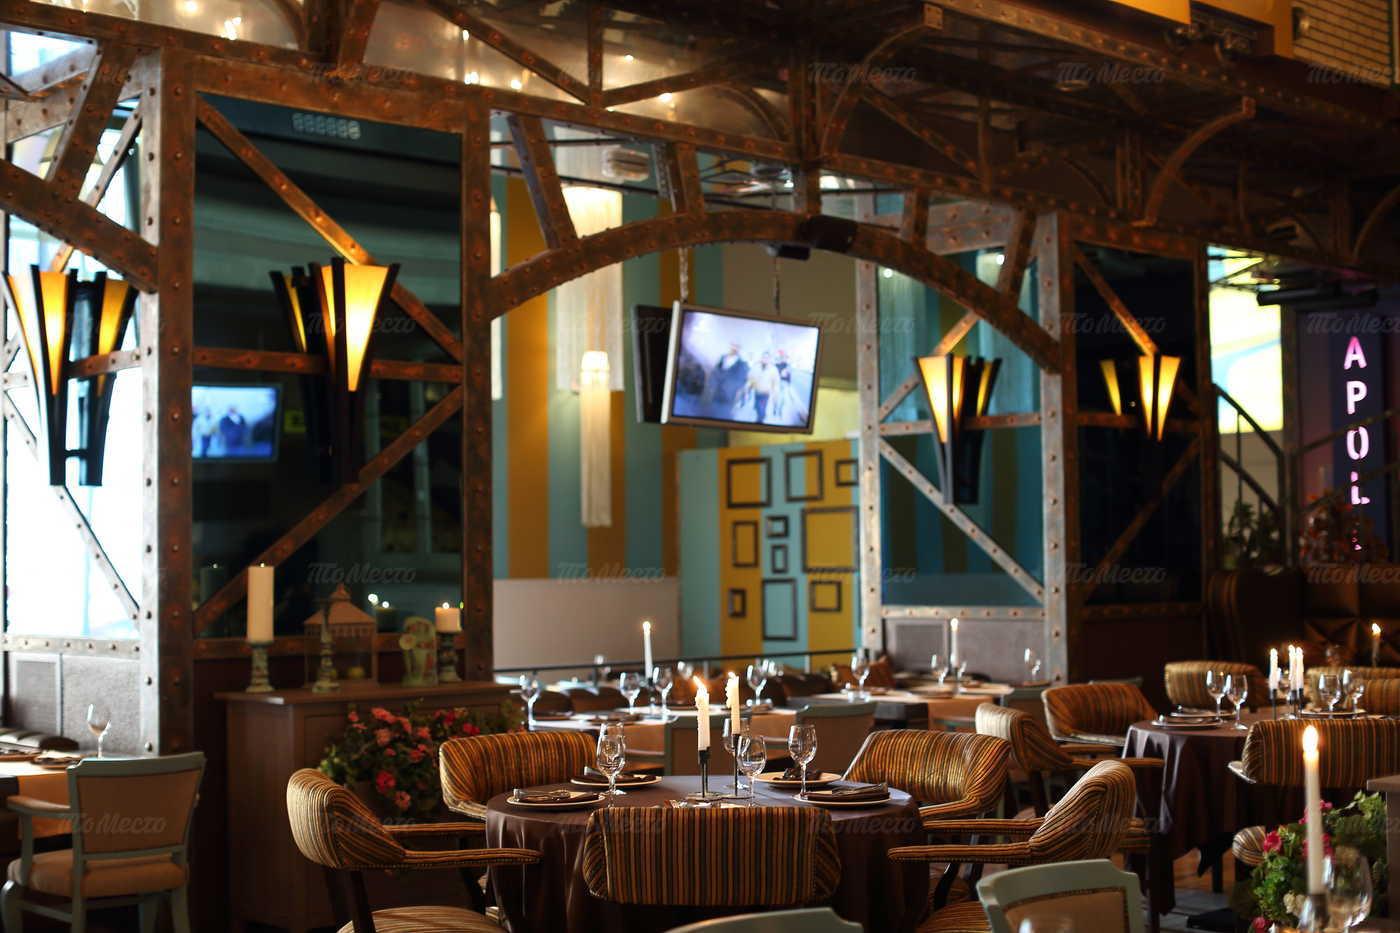 Меню бара, ресторана Радио Сити (Radio City) на Большой Садовой улице